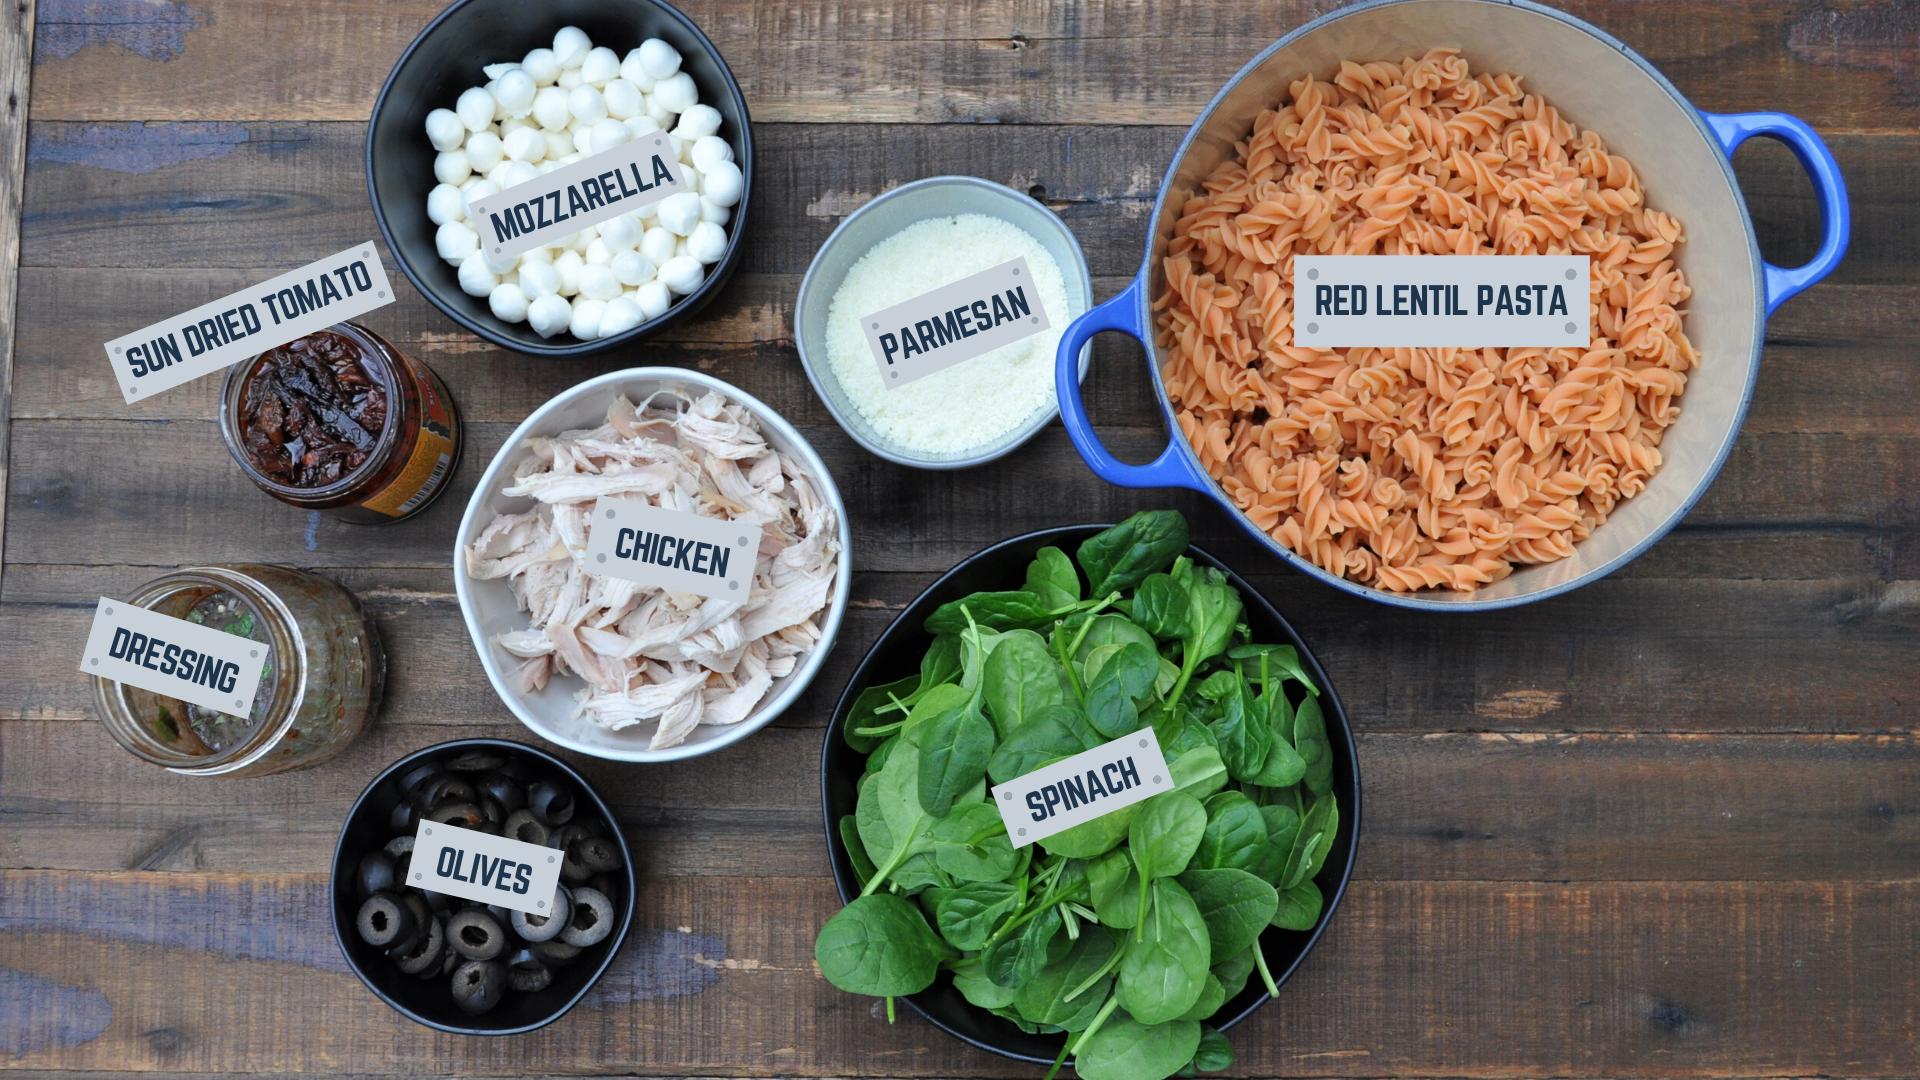 Pasta Salad Meal Prep Ingredients